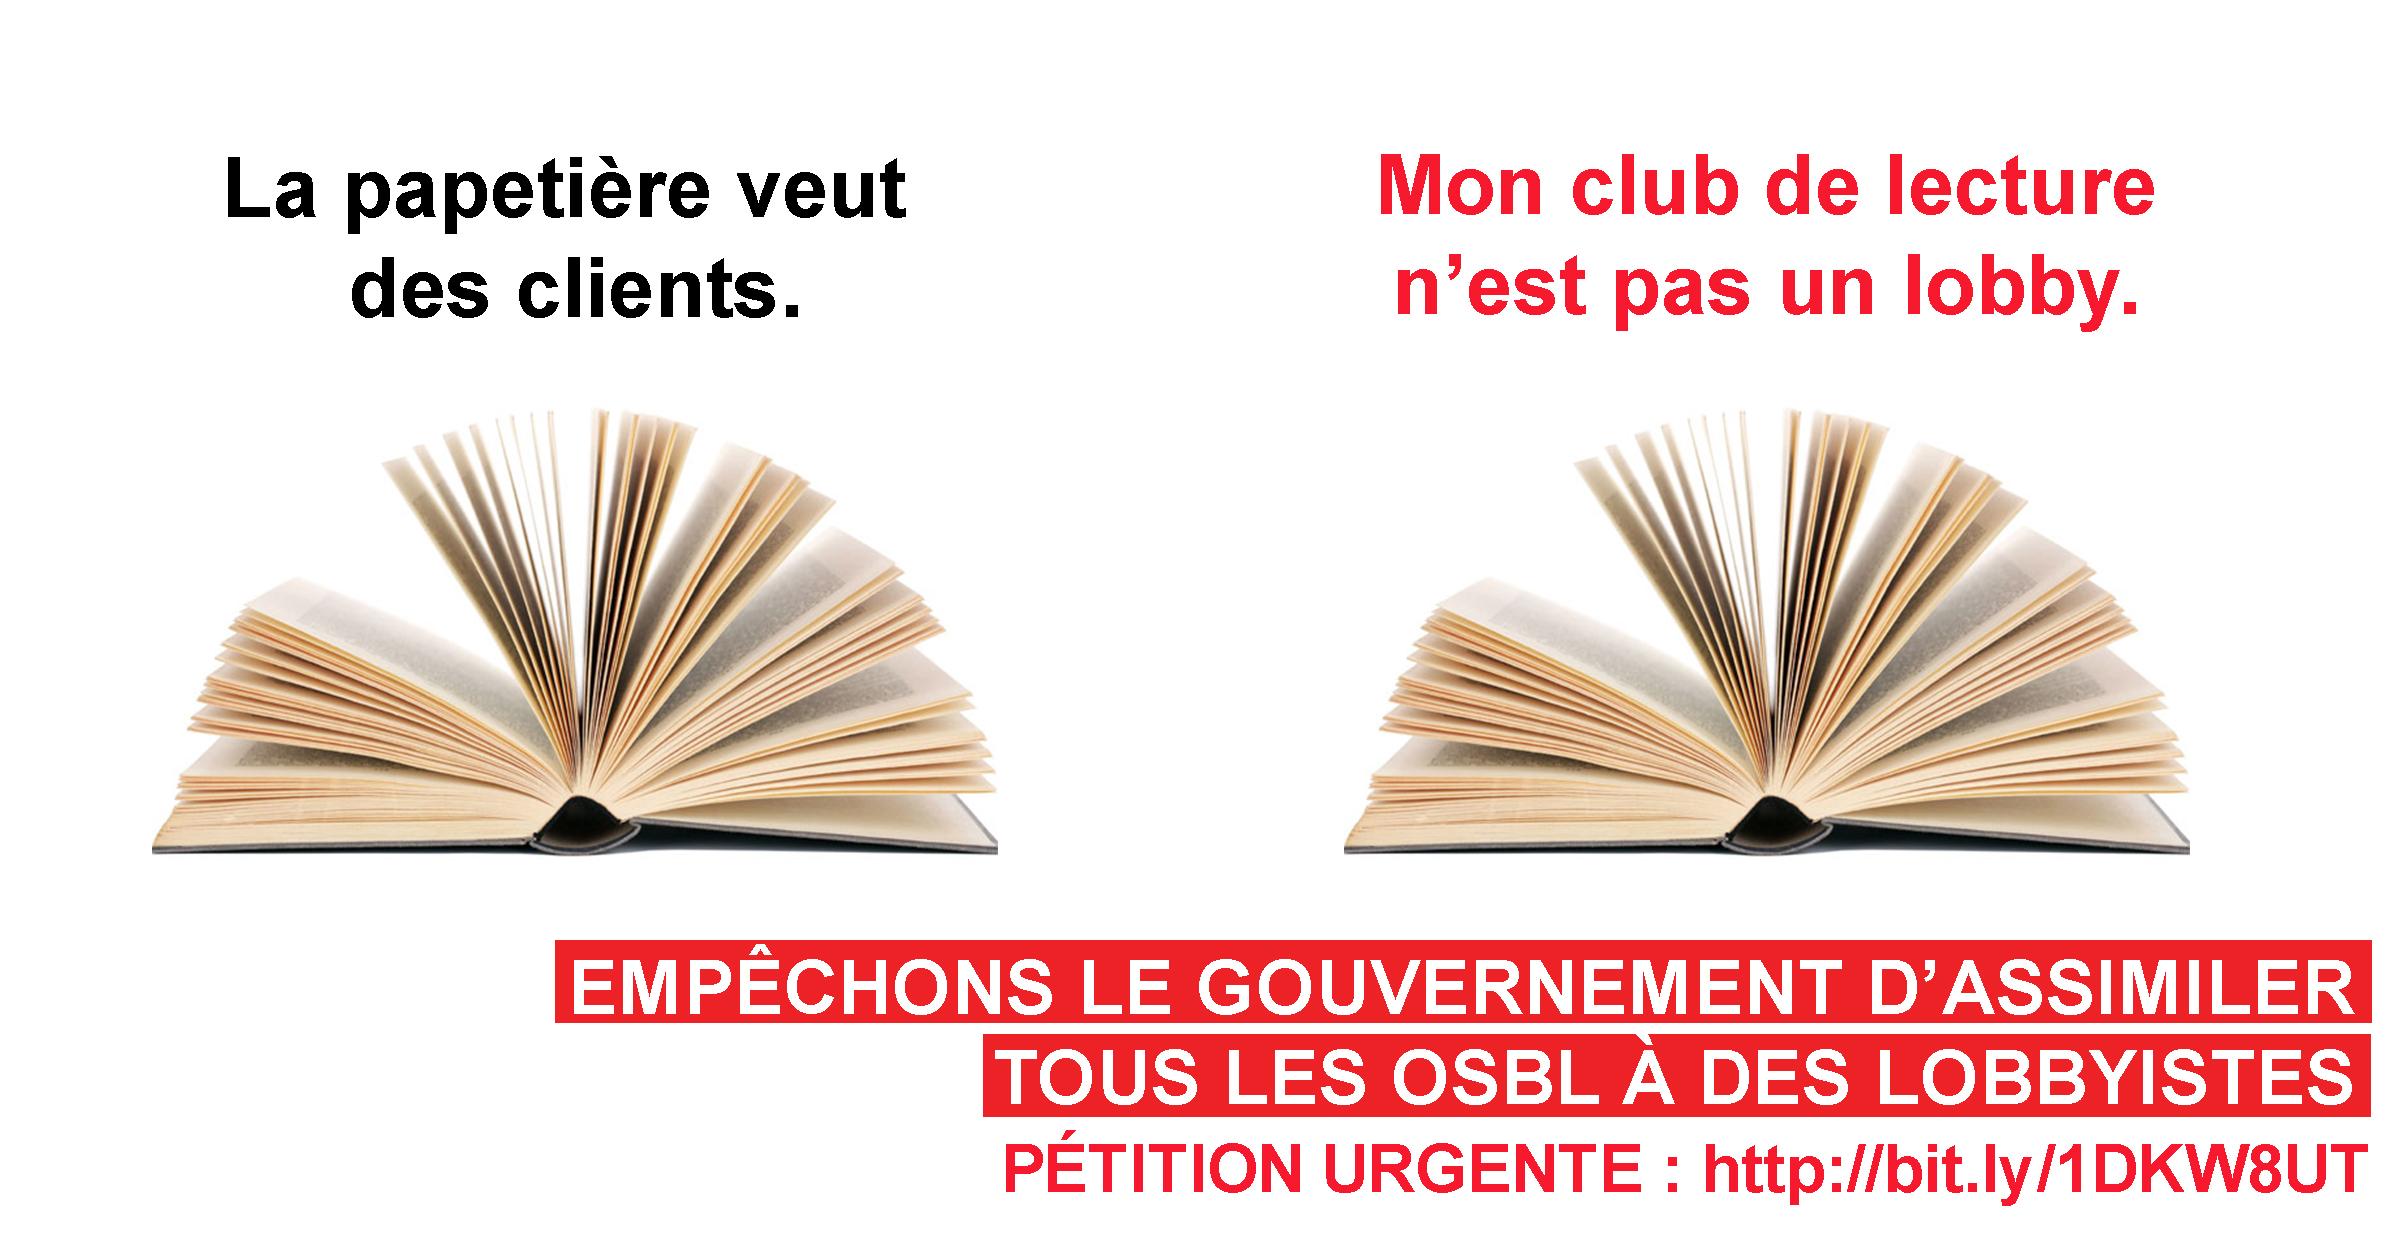 Affichette : La papetière veut des clients / Mon club de lecture n'est pas un lobby. Photo d'un livre ouvert.